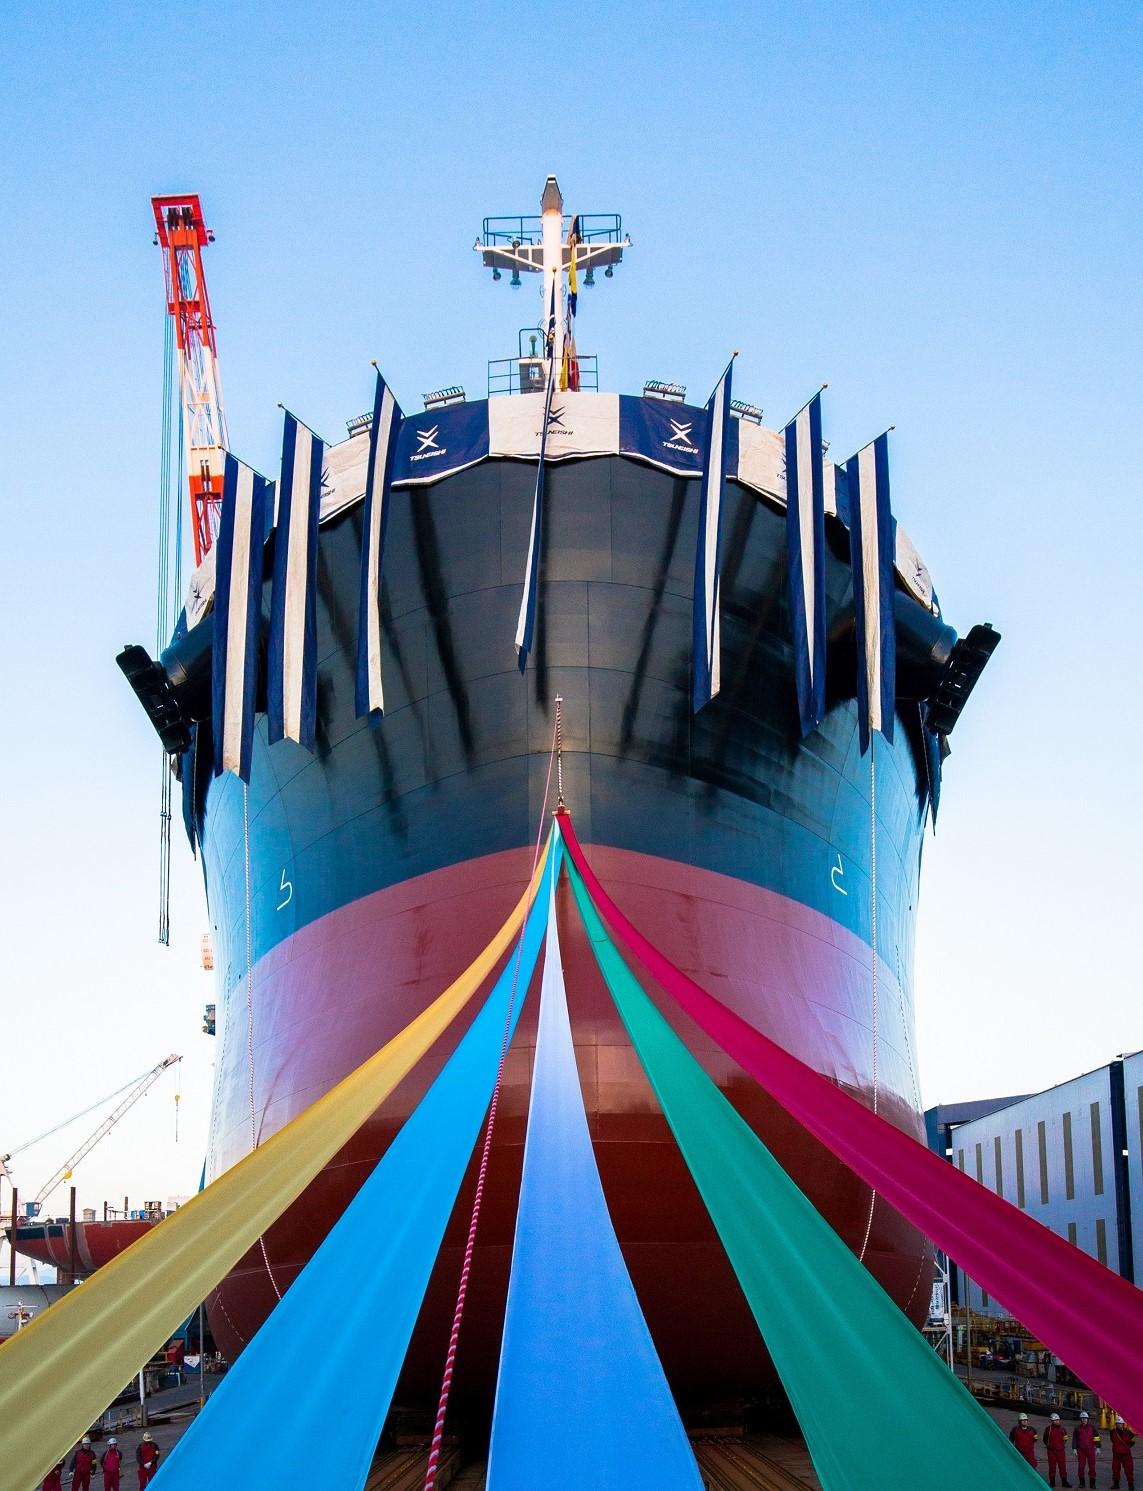 2017年4月5日,现场直播6万吨级散货船下水仪式~常石造船 广岛县福山市 常石工厂 第一船台